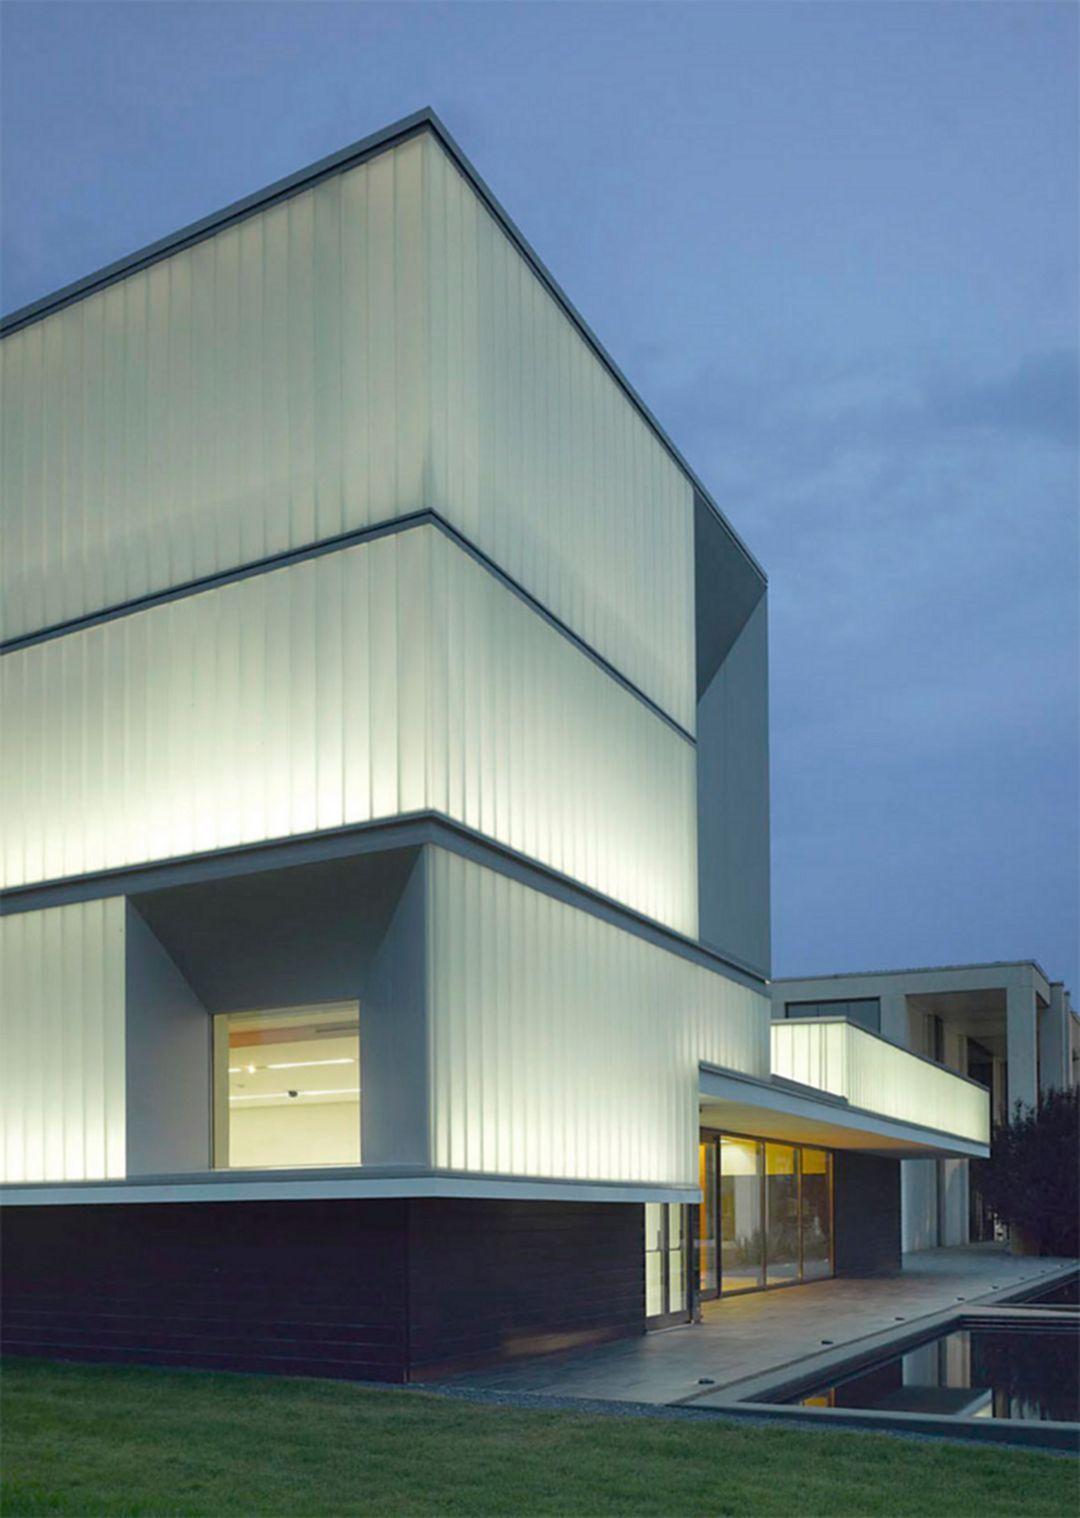 image result for polycarbonate architecture facade pinterest bd vert et projet. Black Bedroom Furniture Sets. Home Design Ideas